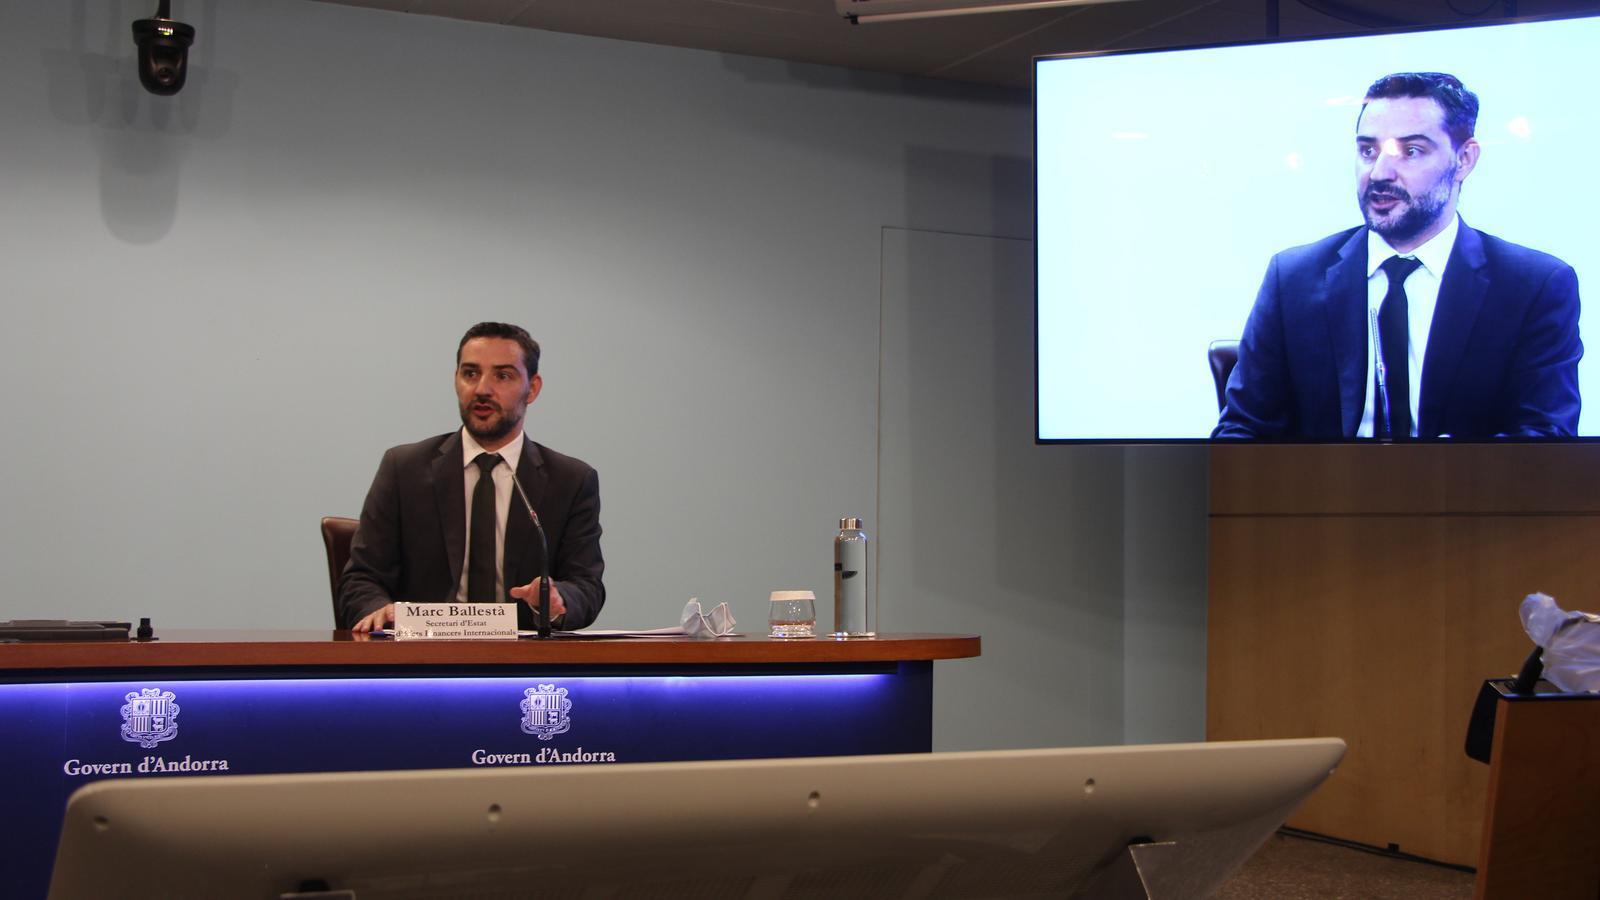 El secretari d'Estat d'Afers Financers Internacionals, Marc Ballestà, durant la presentació del Fons Monetari Internacional